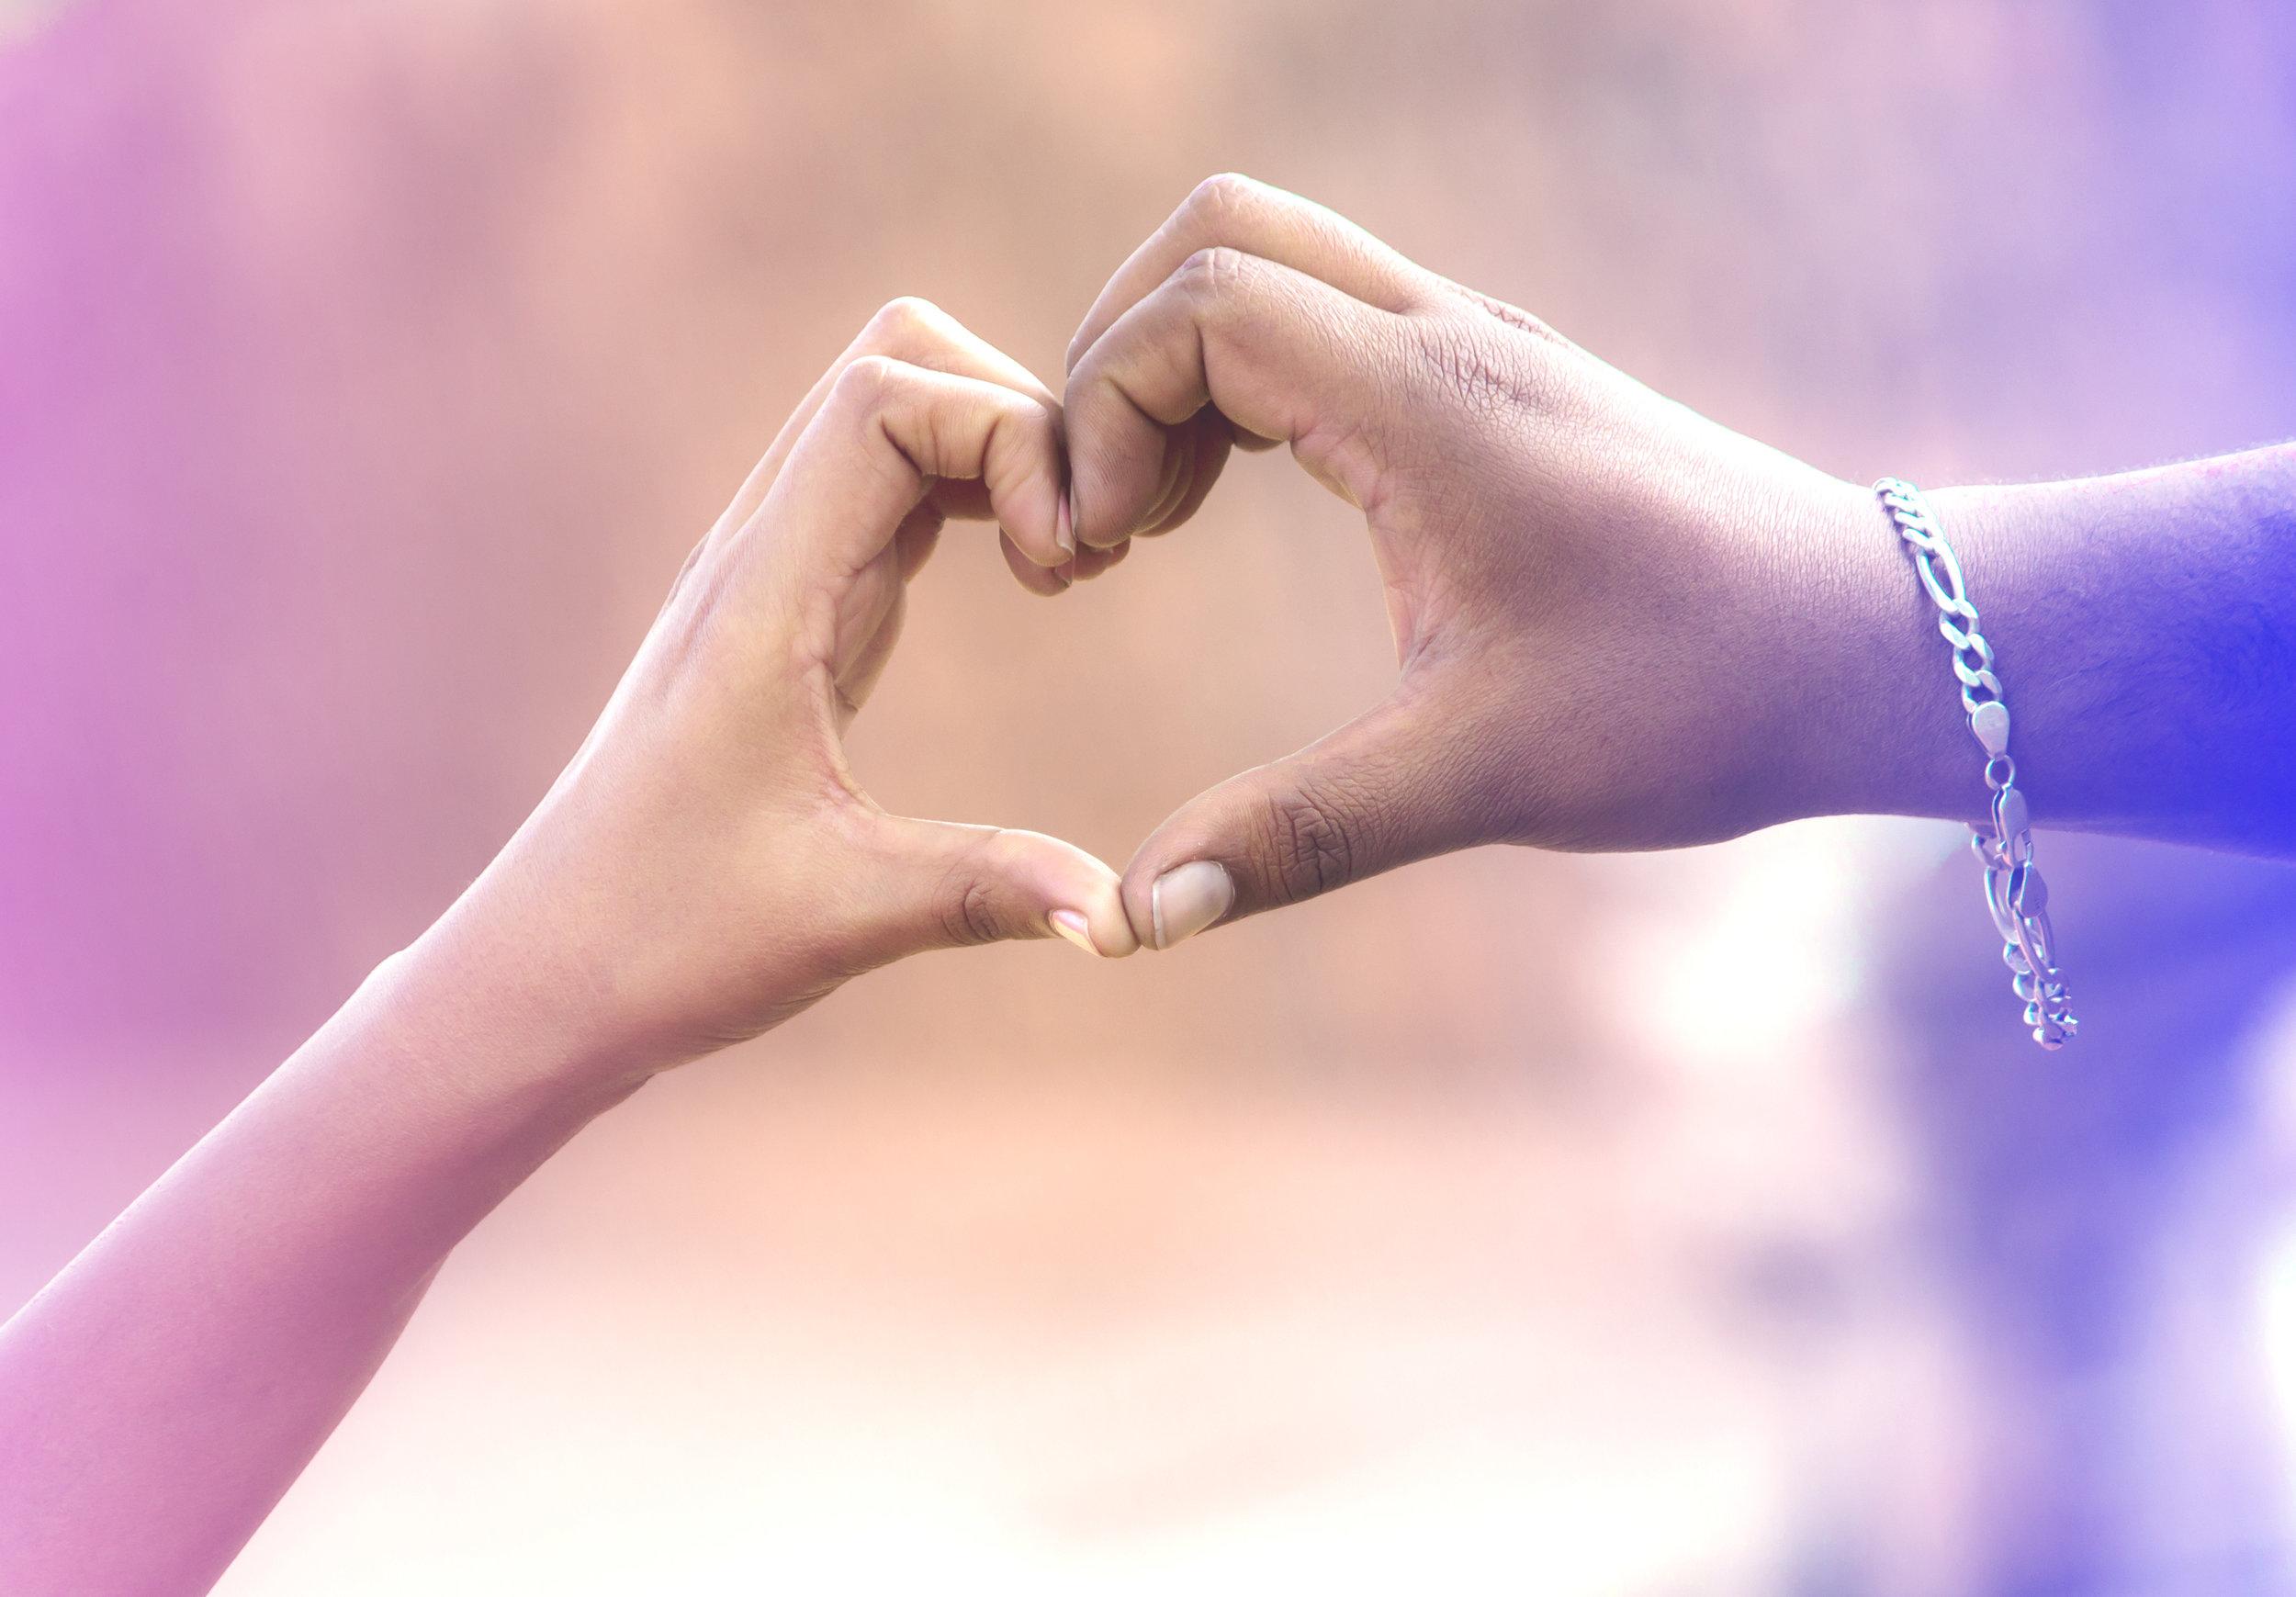 AW heart3.jpeg